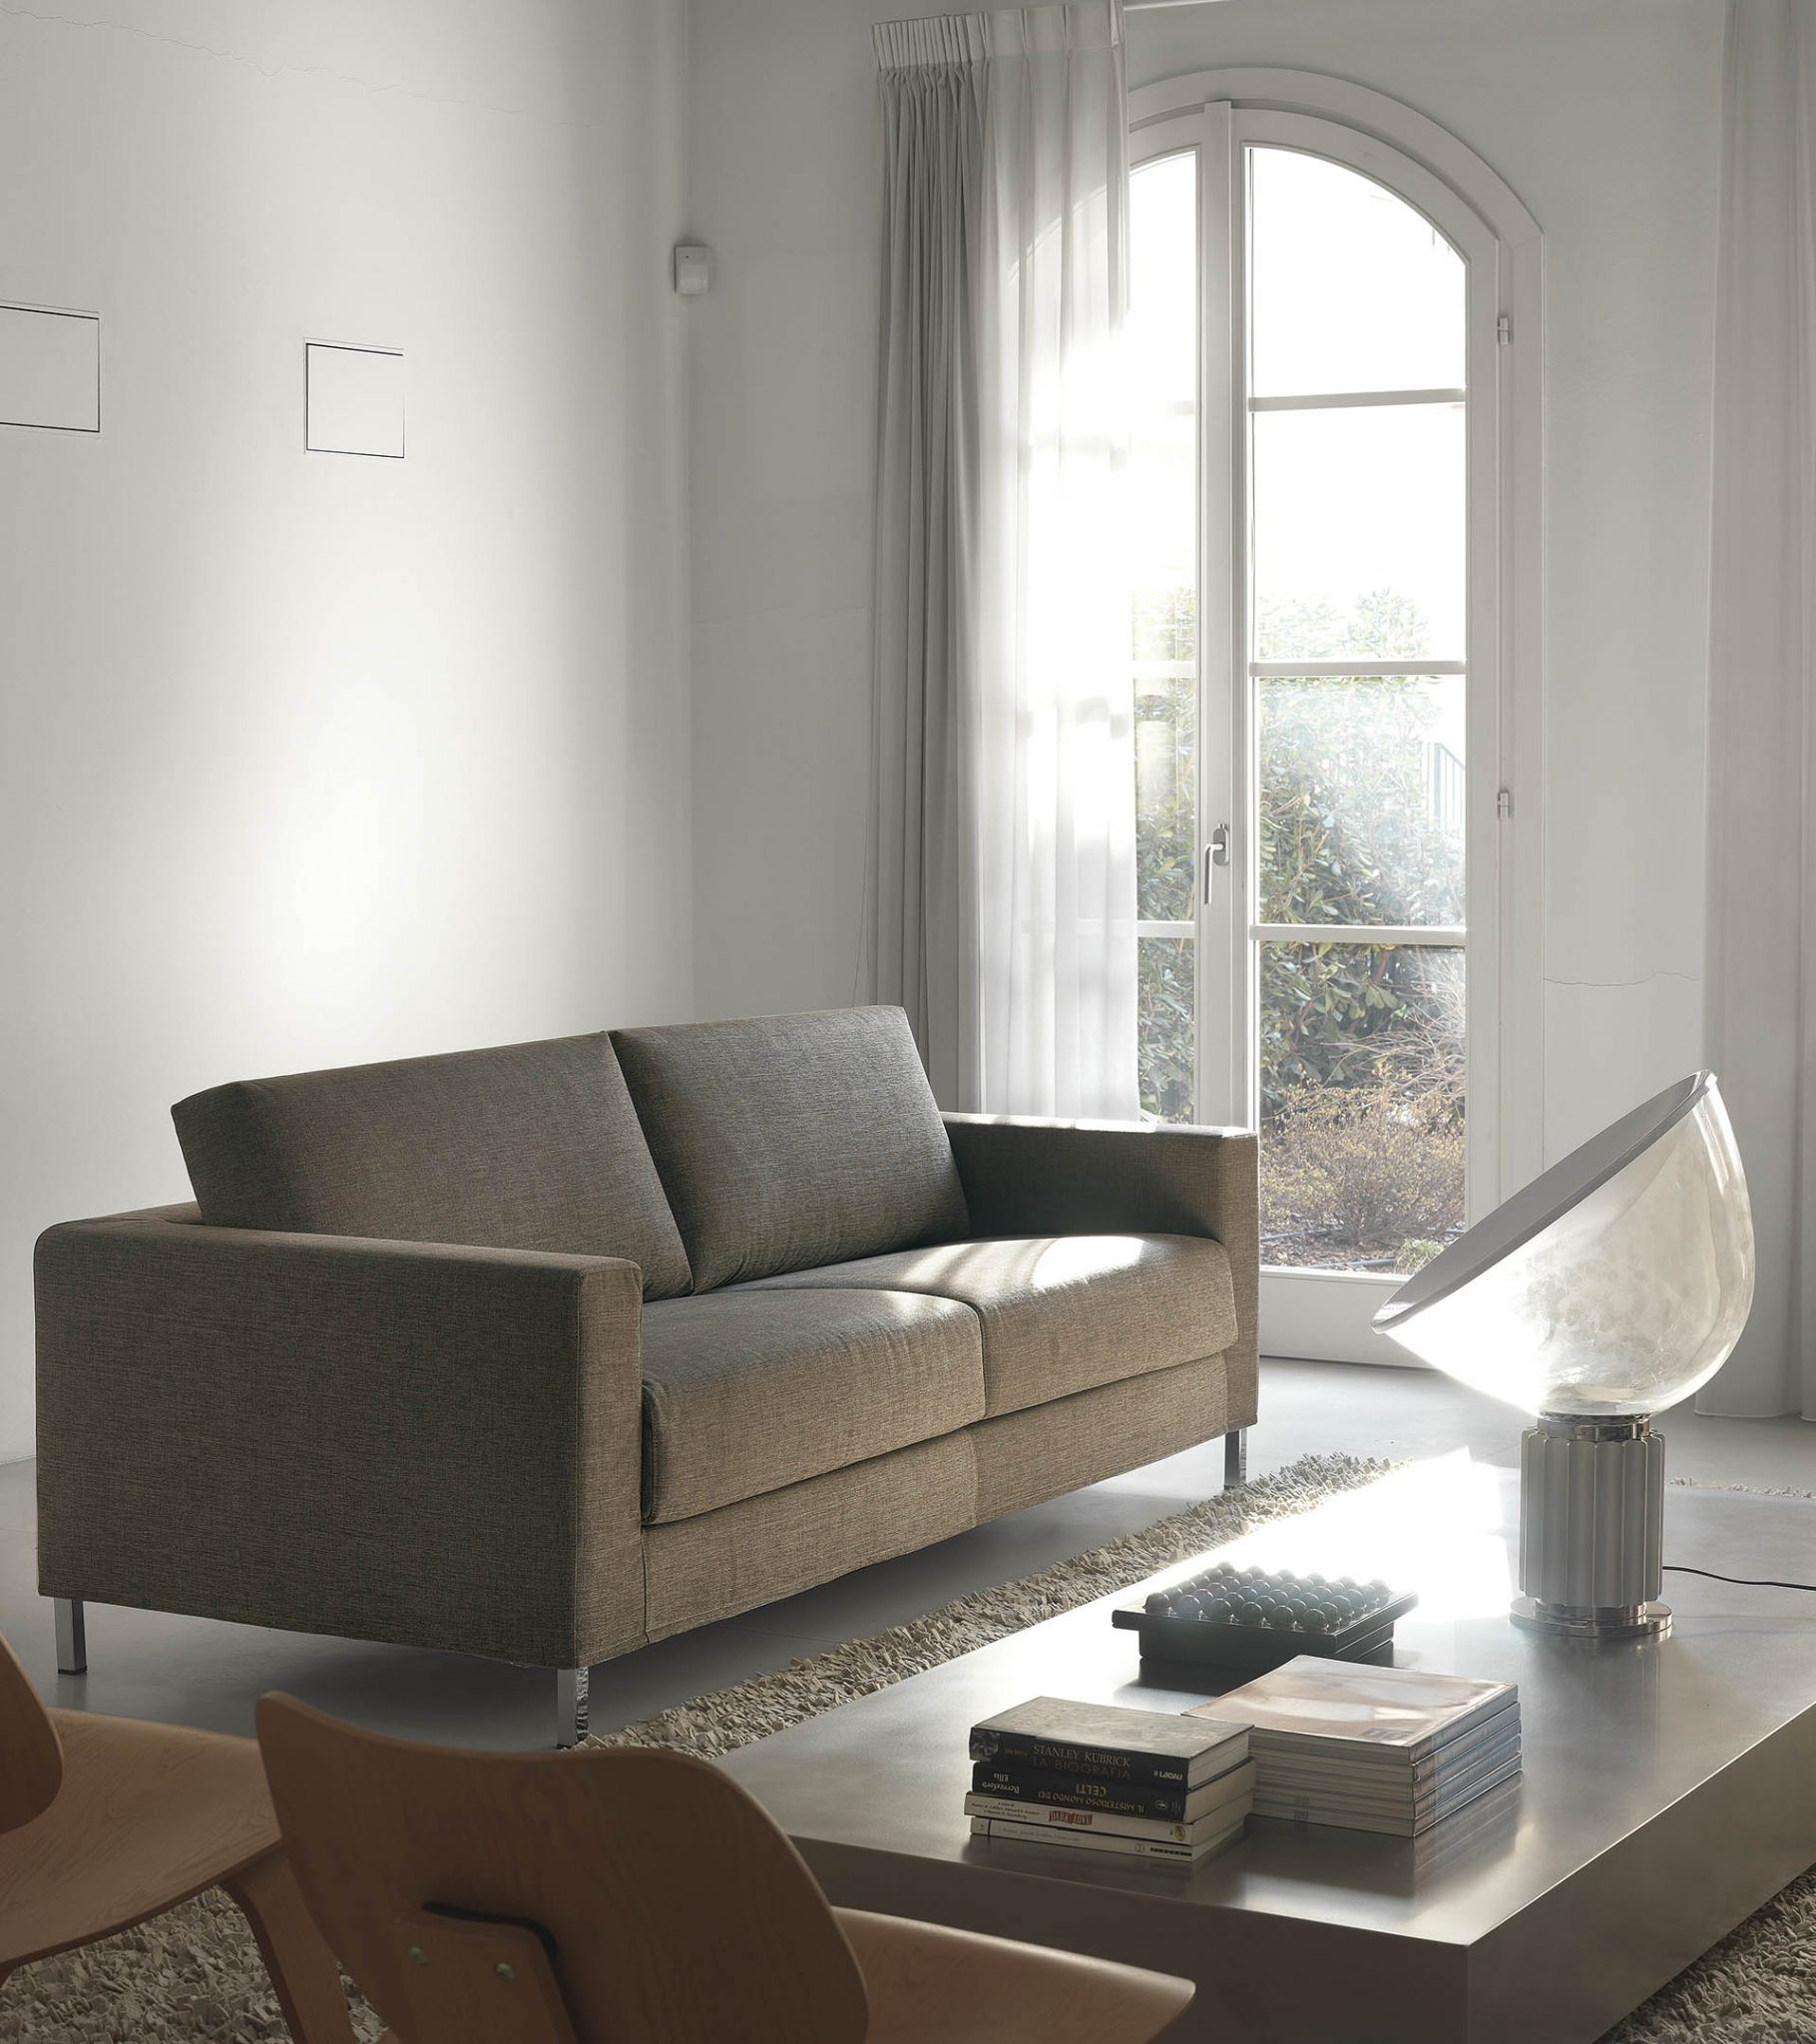 james. Black Bedroom Furniture Sets. Home Design Ideas